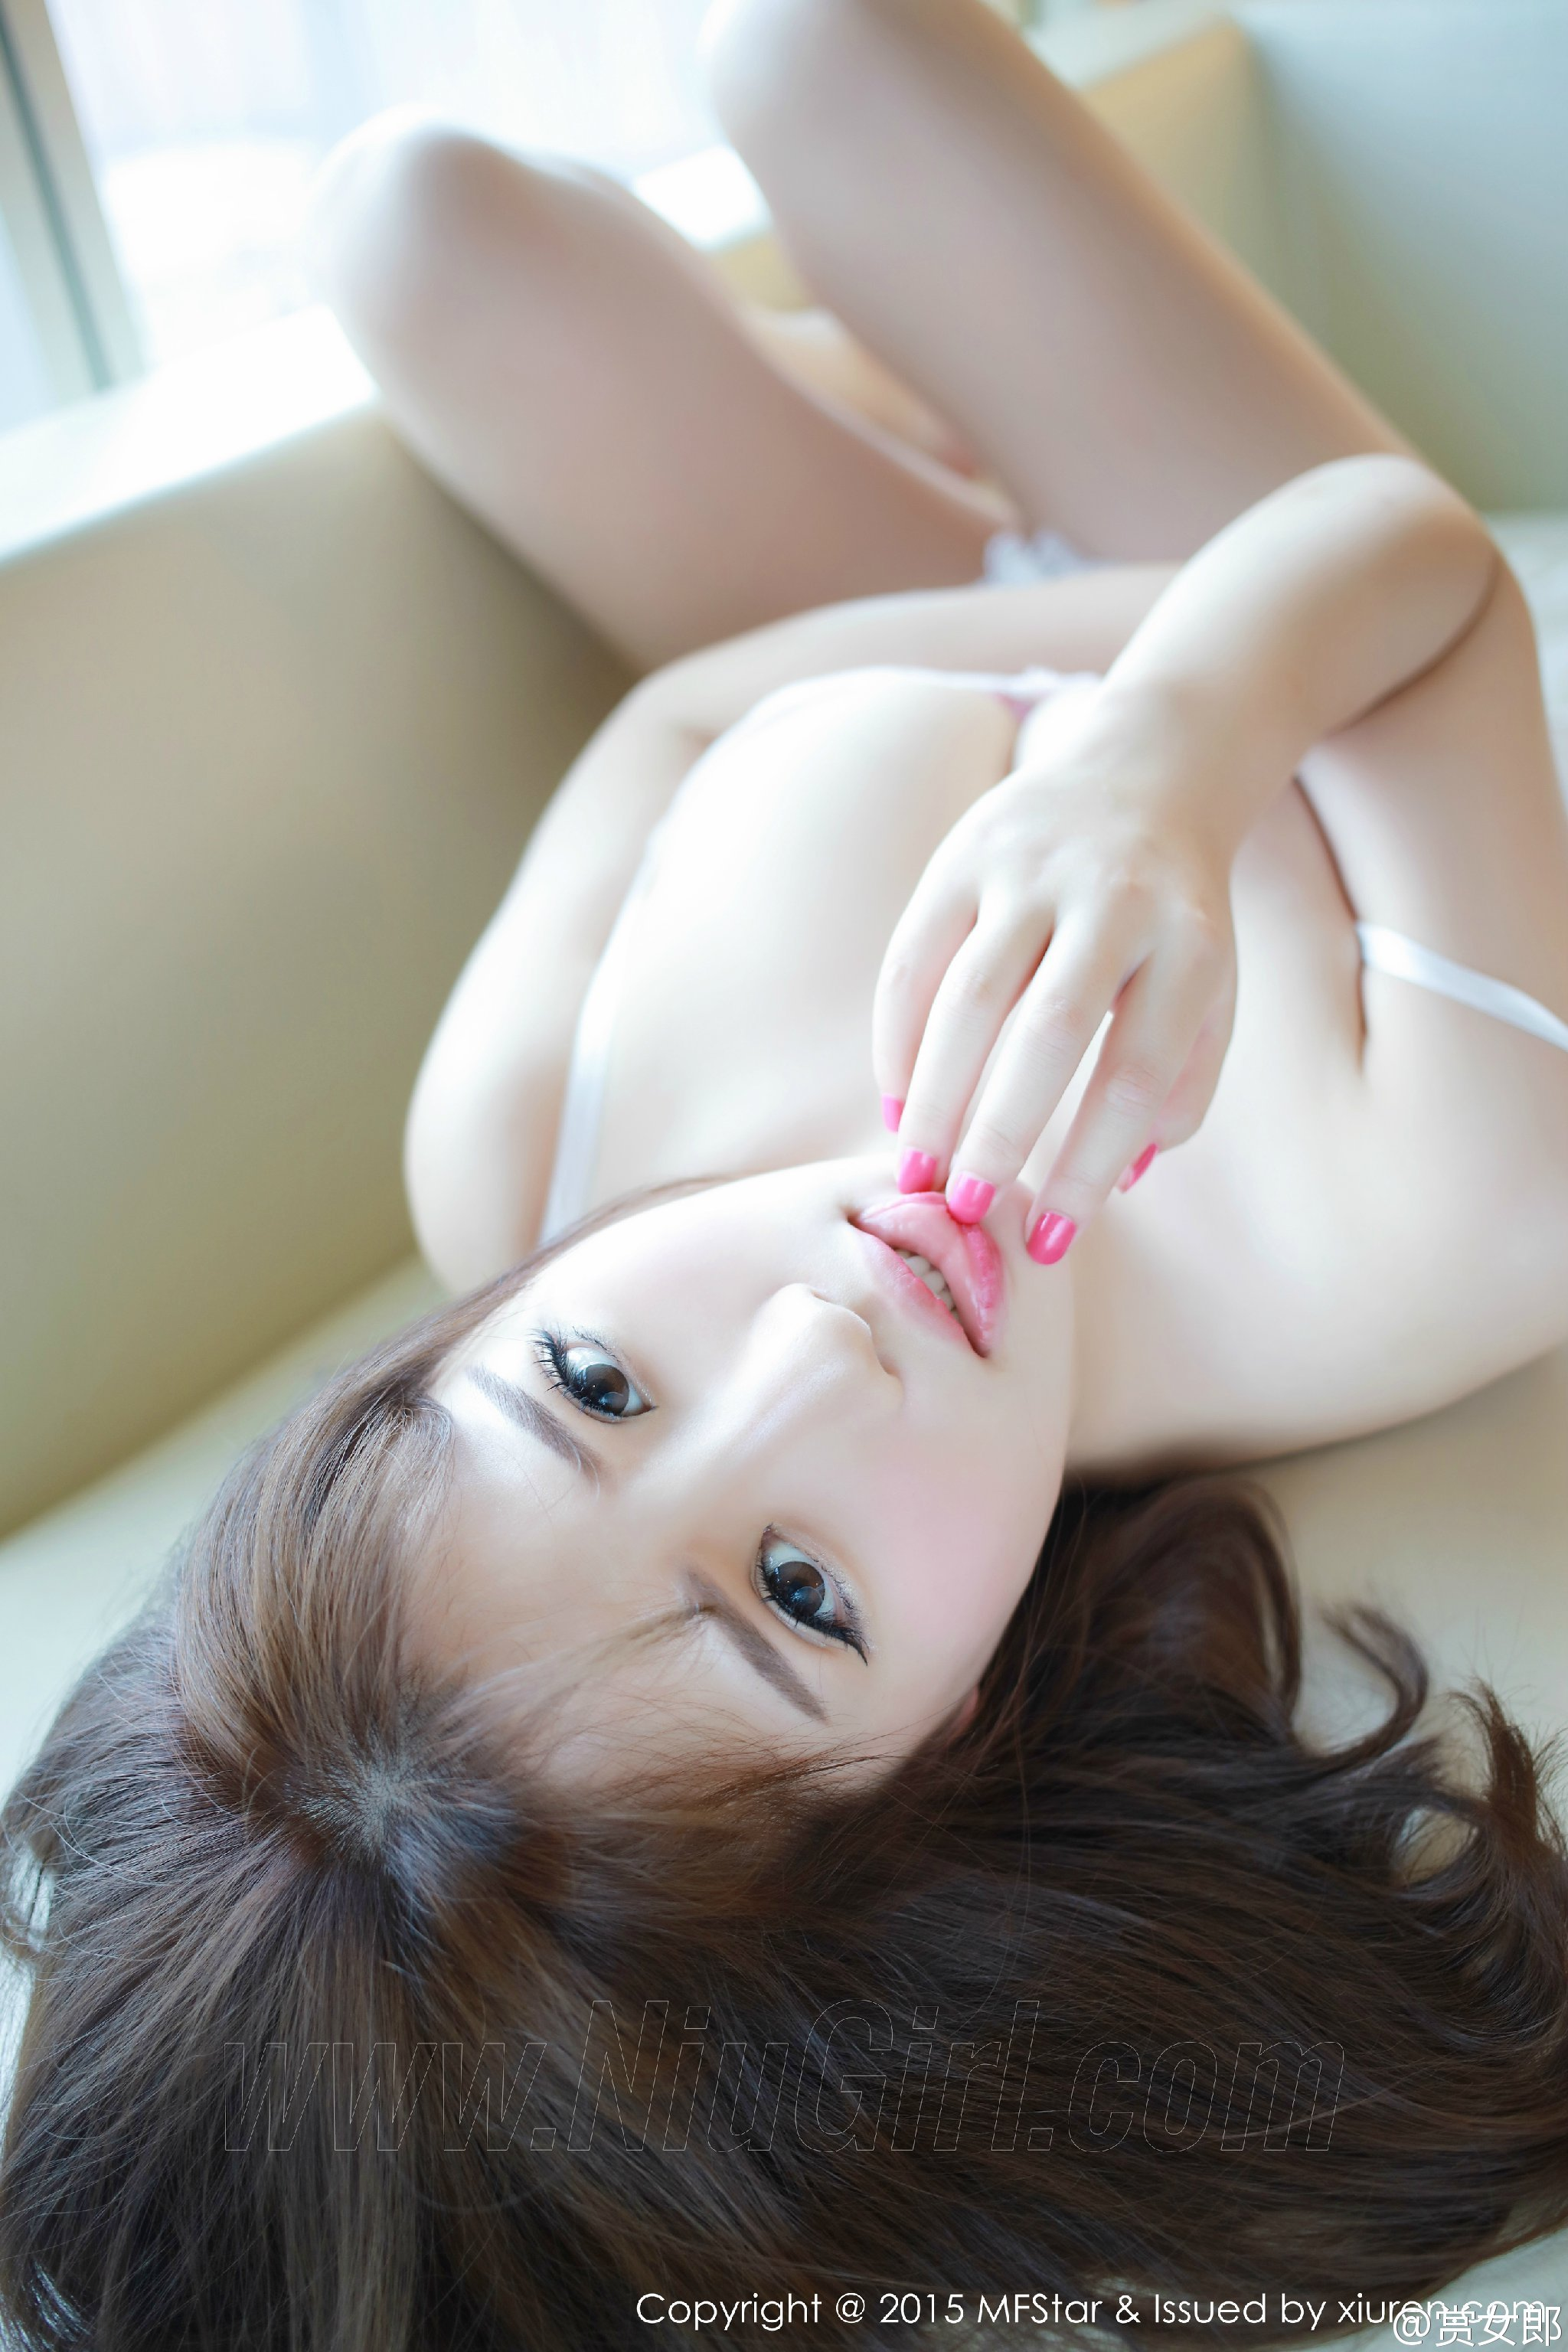 极品女神居家性感身姿高跟鞋丝袜诱惑 @徐cake 微博热搜 图30